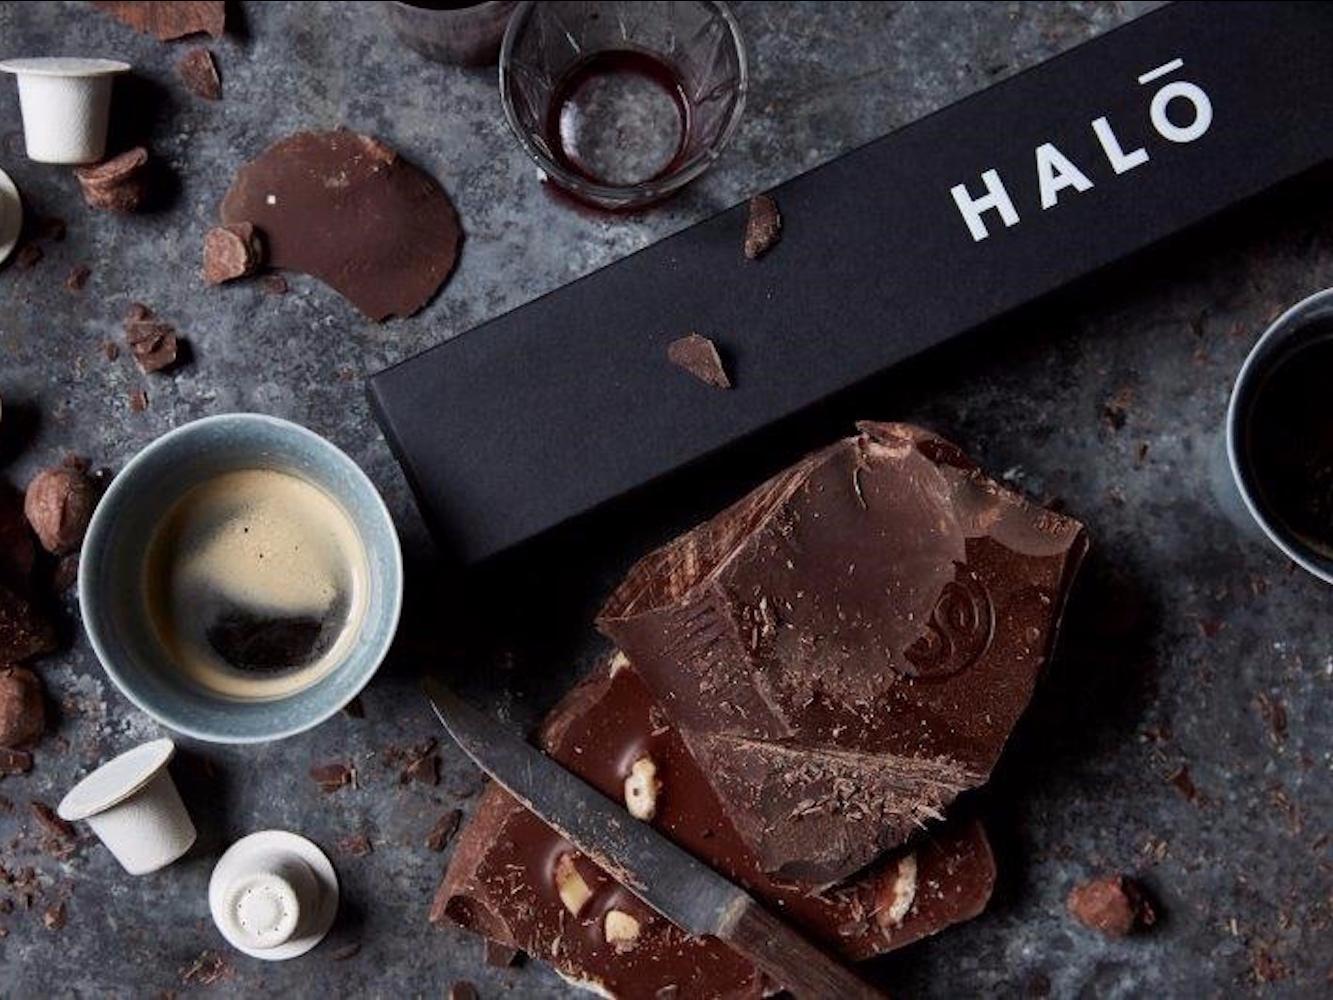 英国生态咖啡品牌 Halo 推出世界首款可快速降解的咖啡胶囊